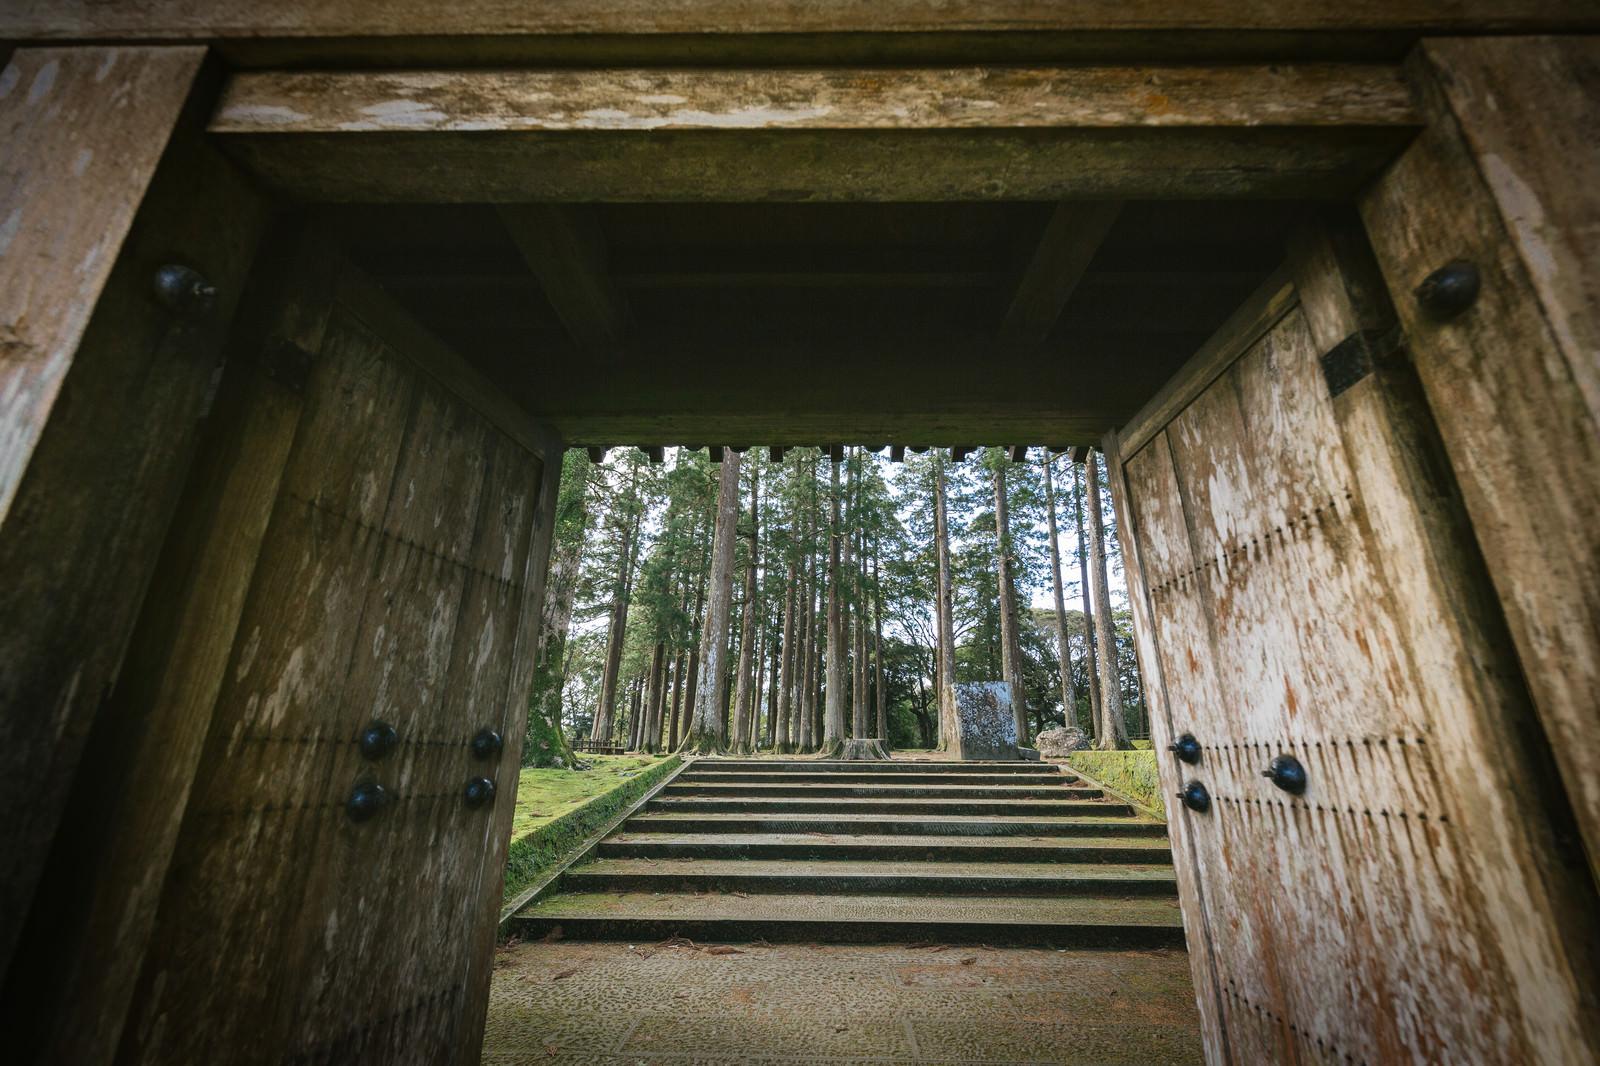 「飫肥城裏門をくぐって見える風景」の写真